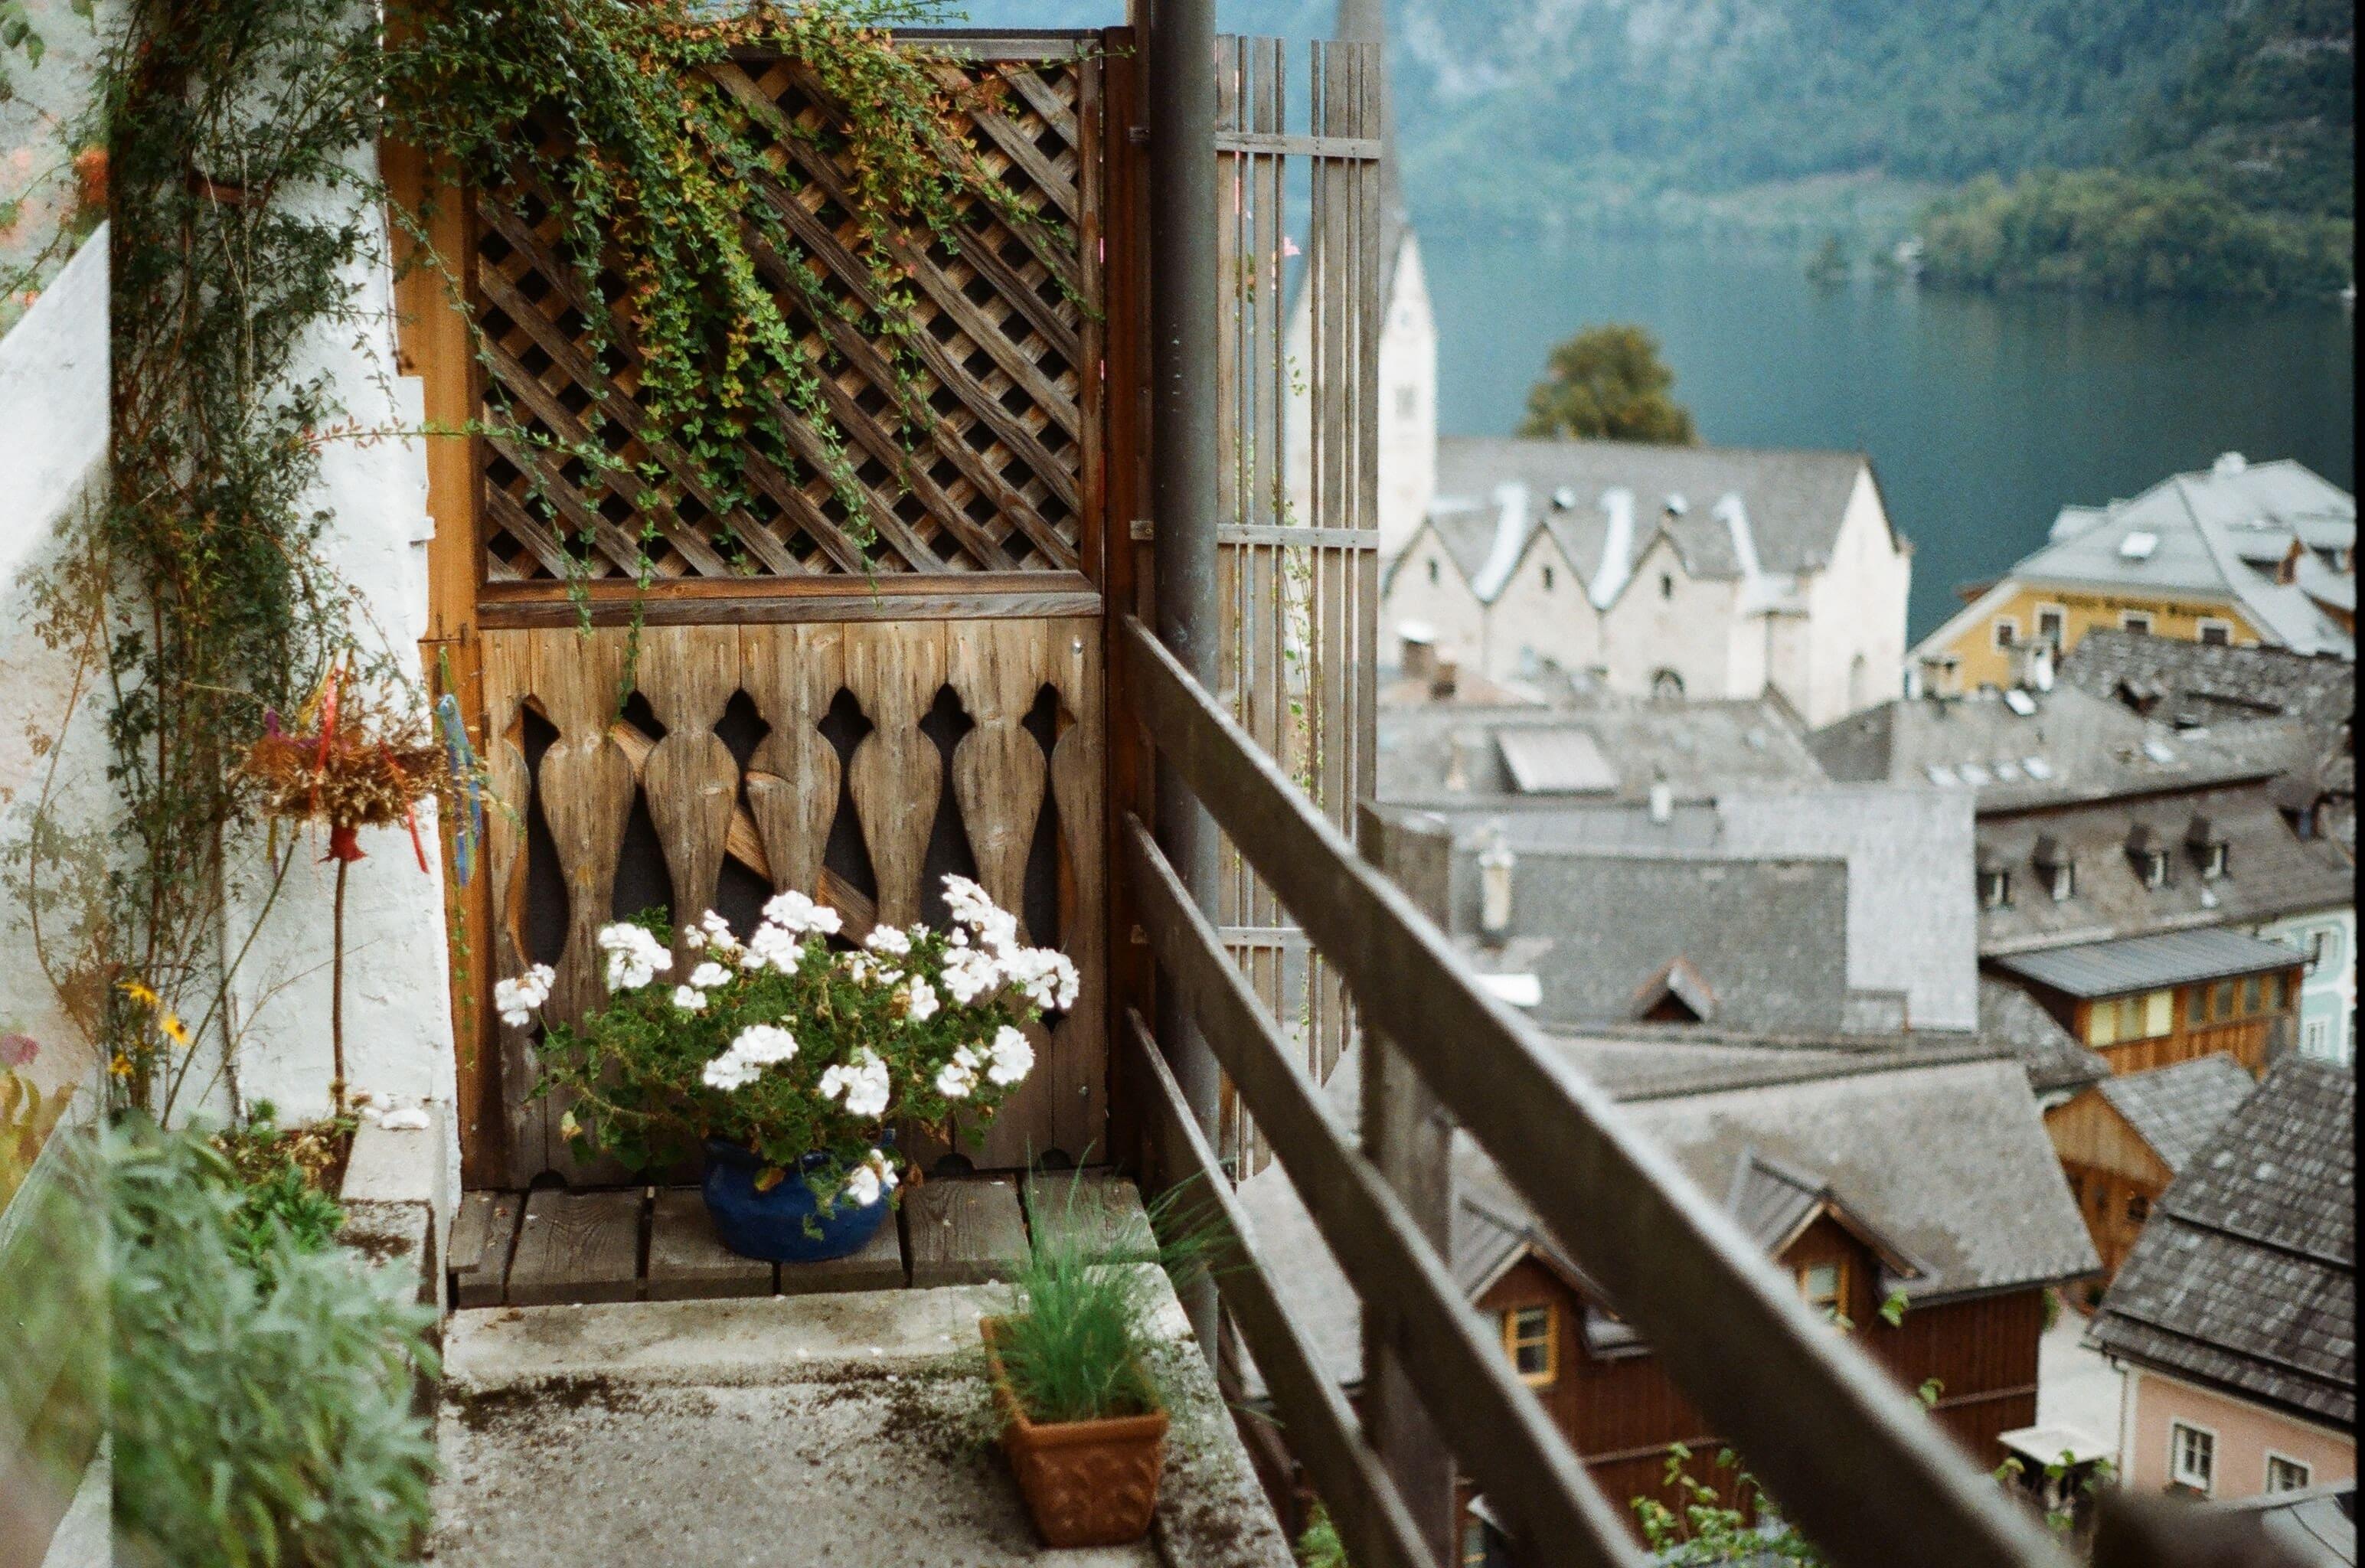 Garden Balconies